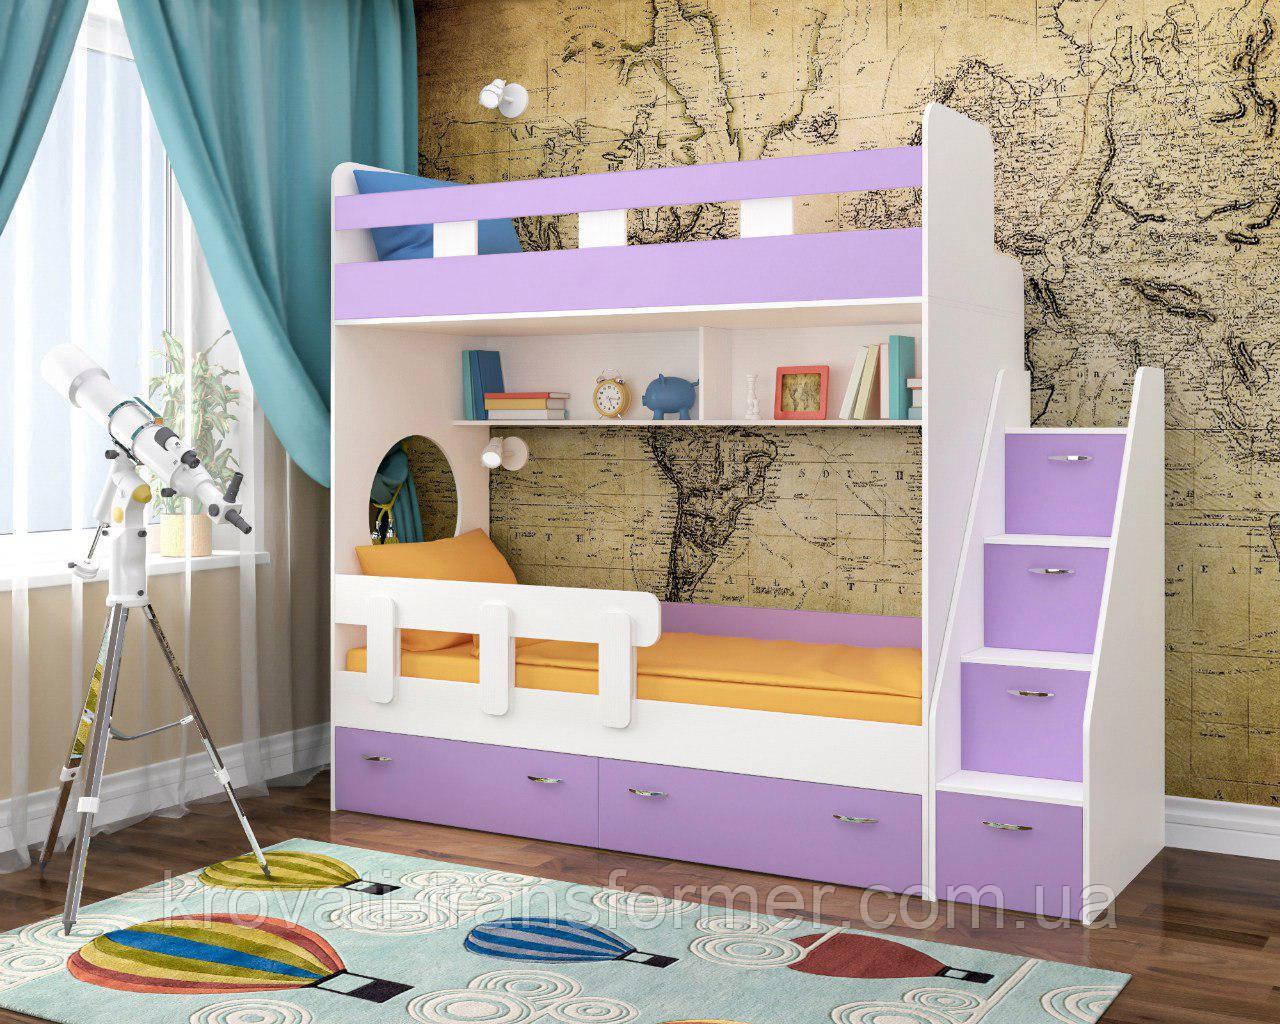 """Двухъярусная кровать """" Модерн люкс с боковой лестницей. Премиум """" лаванда+белый"""